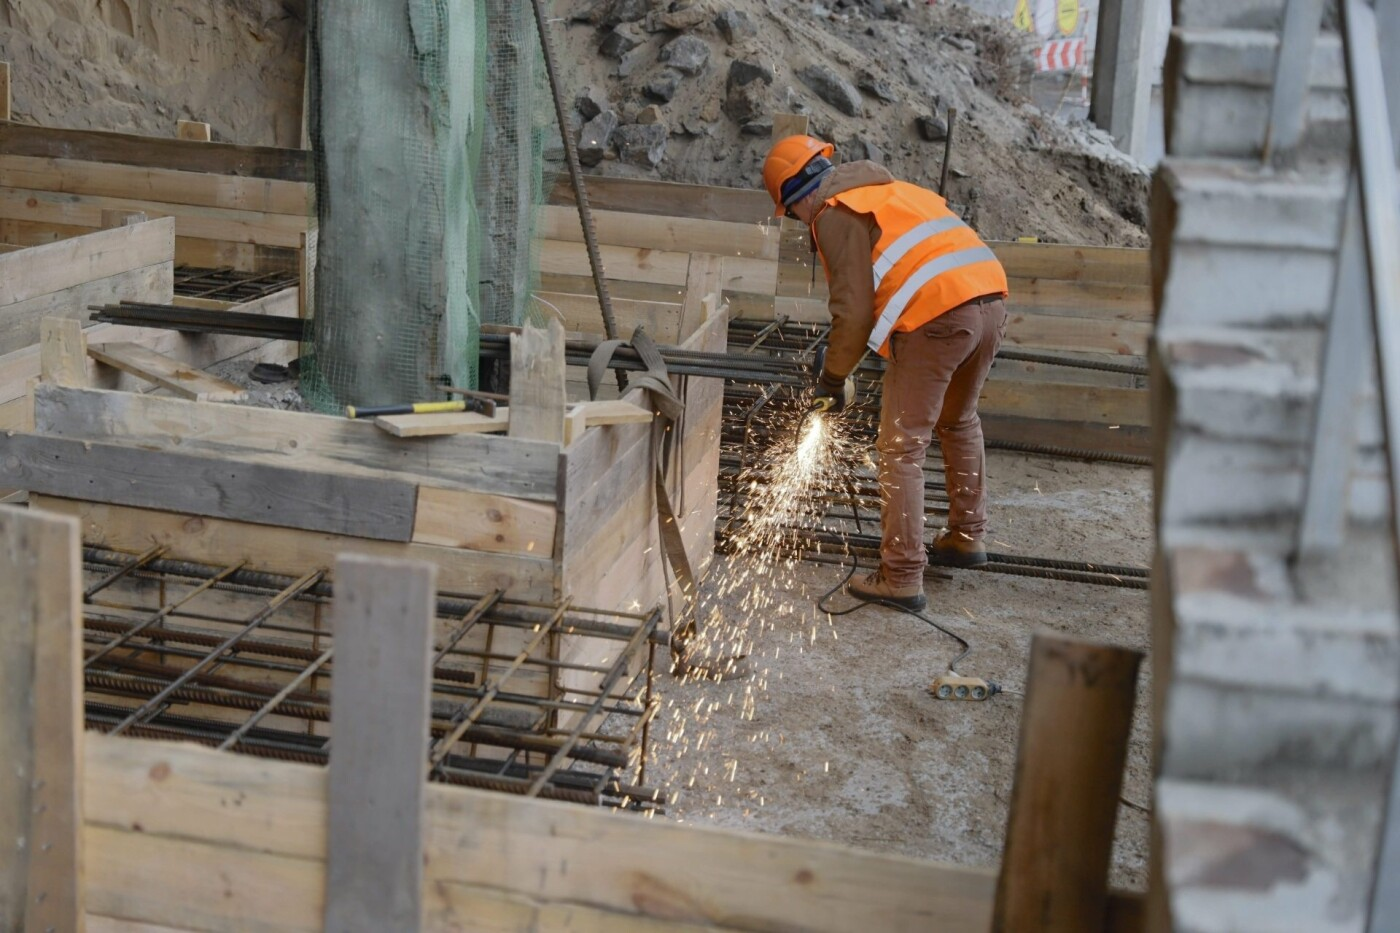 В Днепре ремонтируют аварийный путепровод, - ФОТО, фото-10